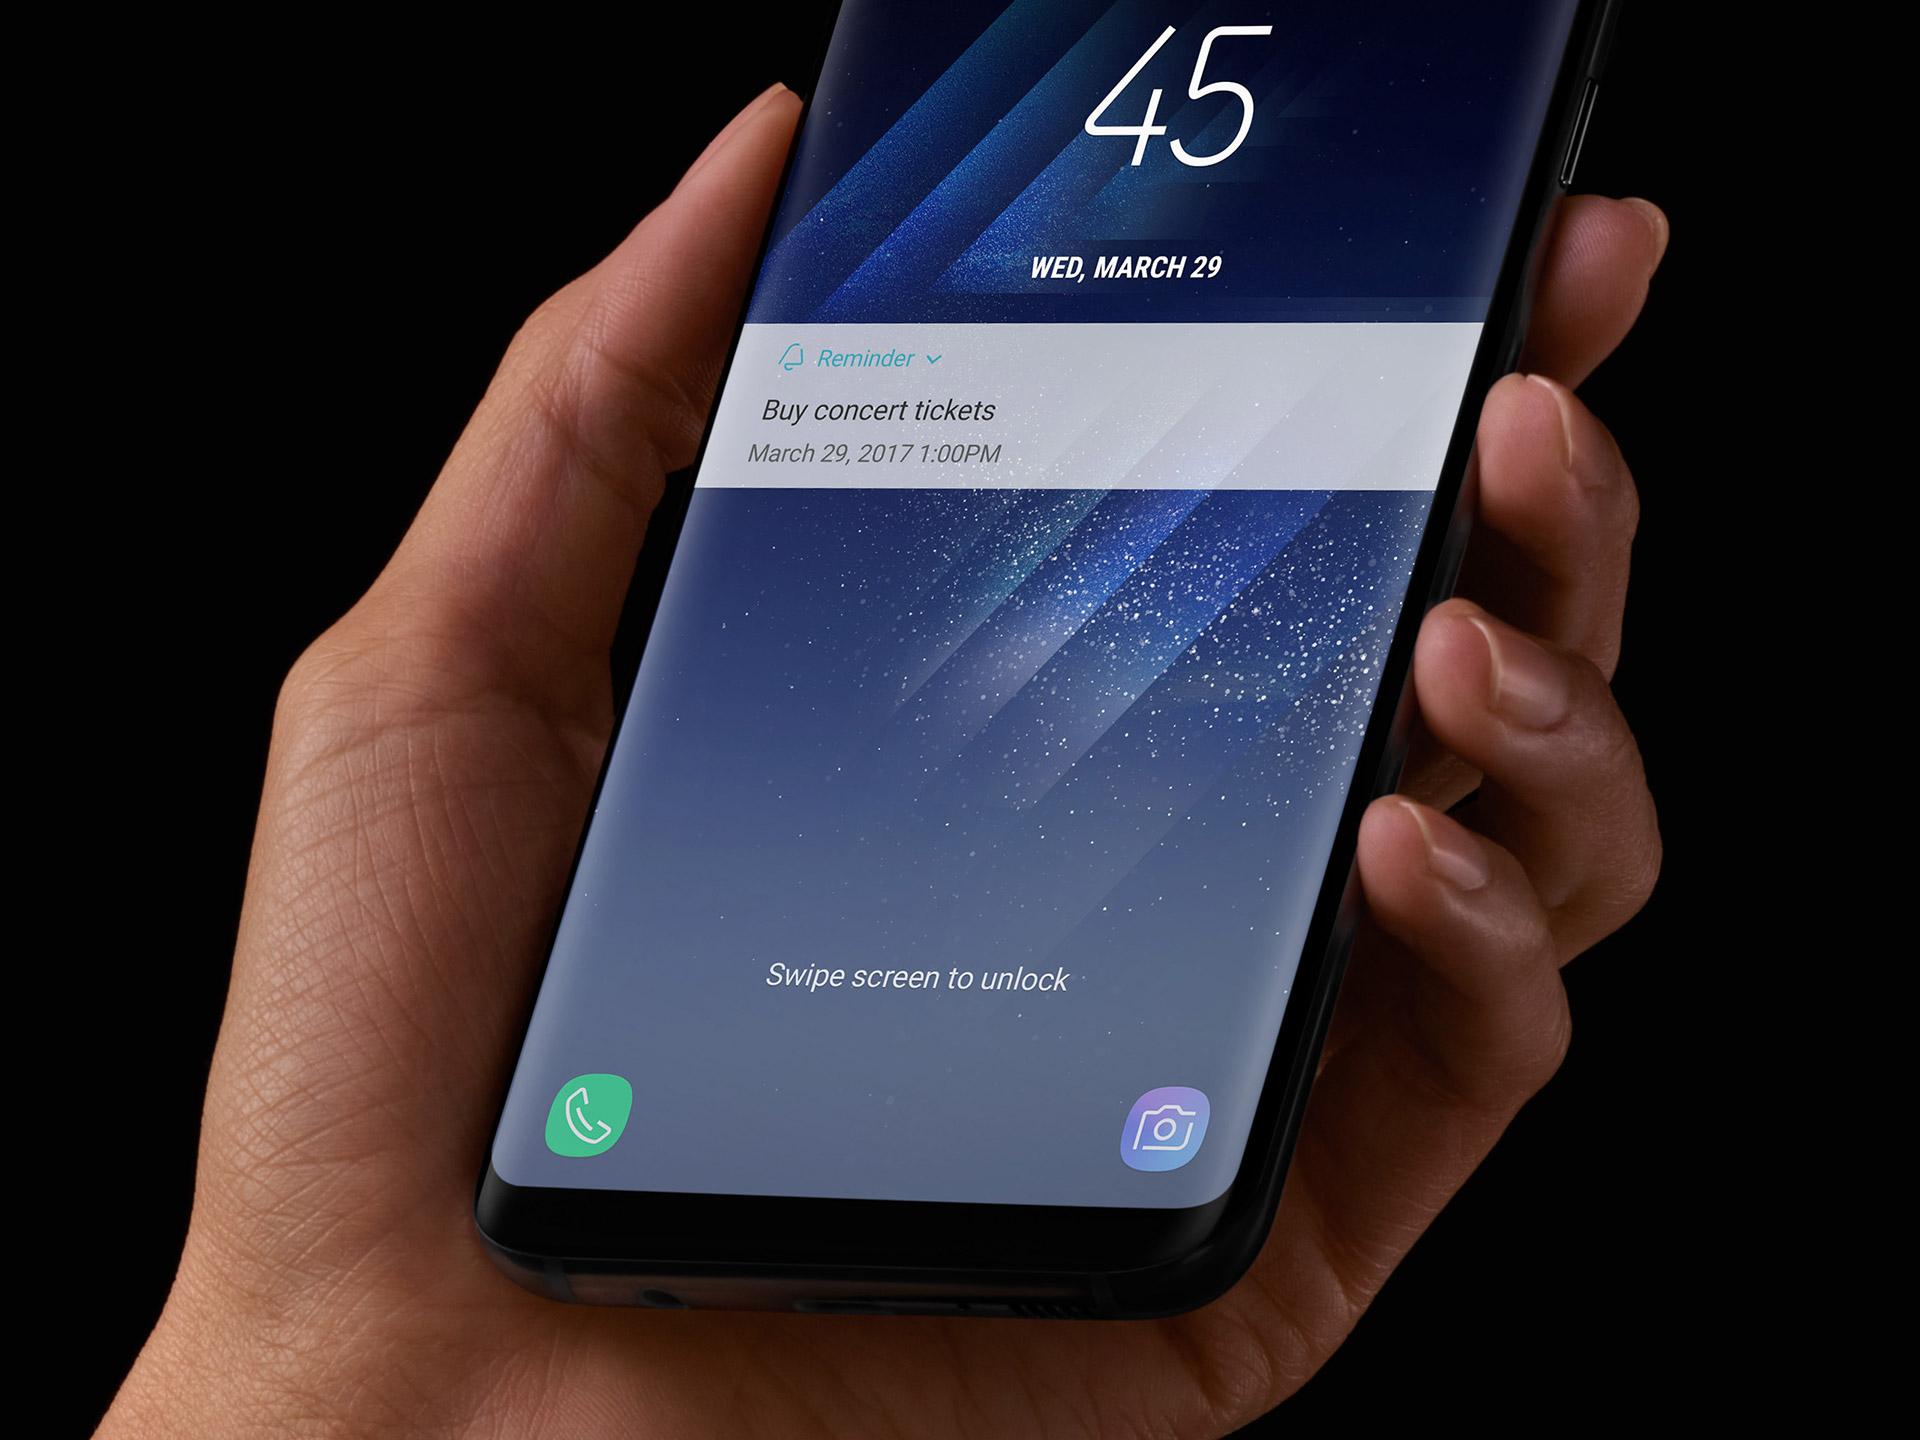 Samsung_Galaxy_S8_Stills_Reminder.jpg